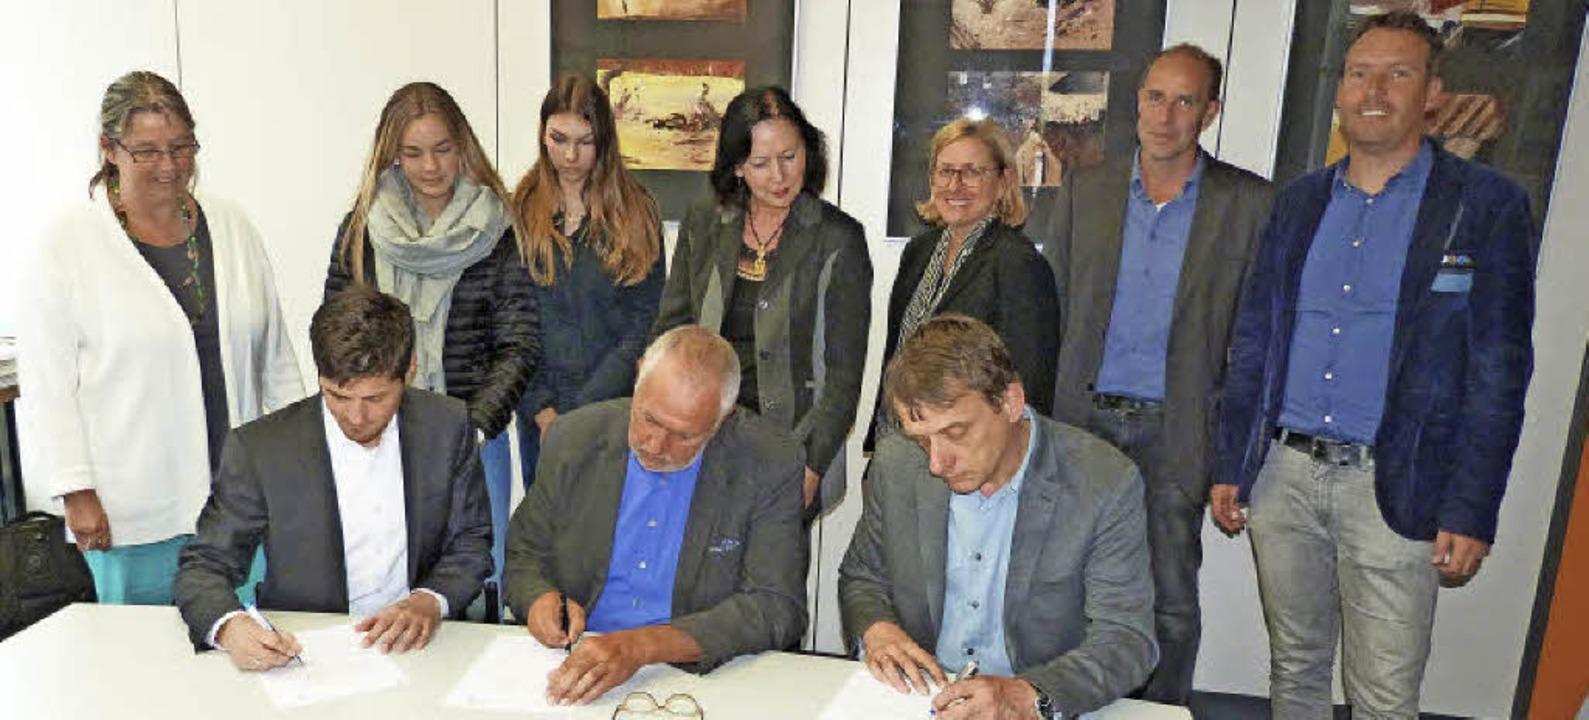 Lars Holzäpfel von der PH Freiburg, Sc...n des Praxiskollegs (dahinter links).   | Foto: Presse-AG